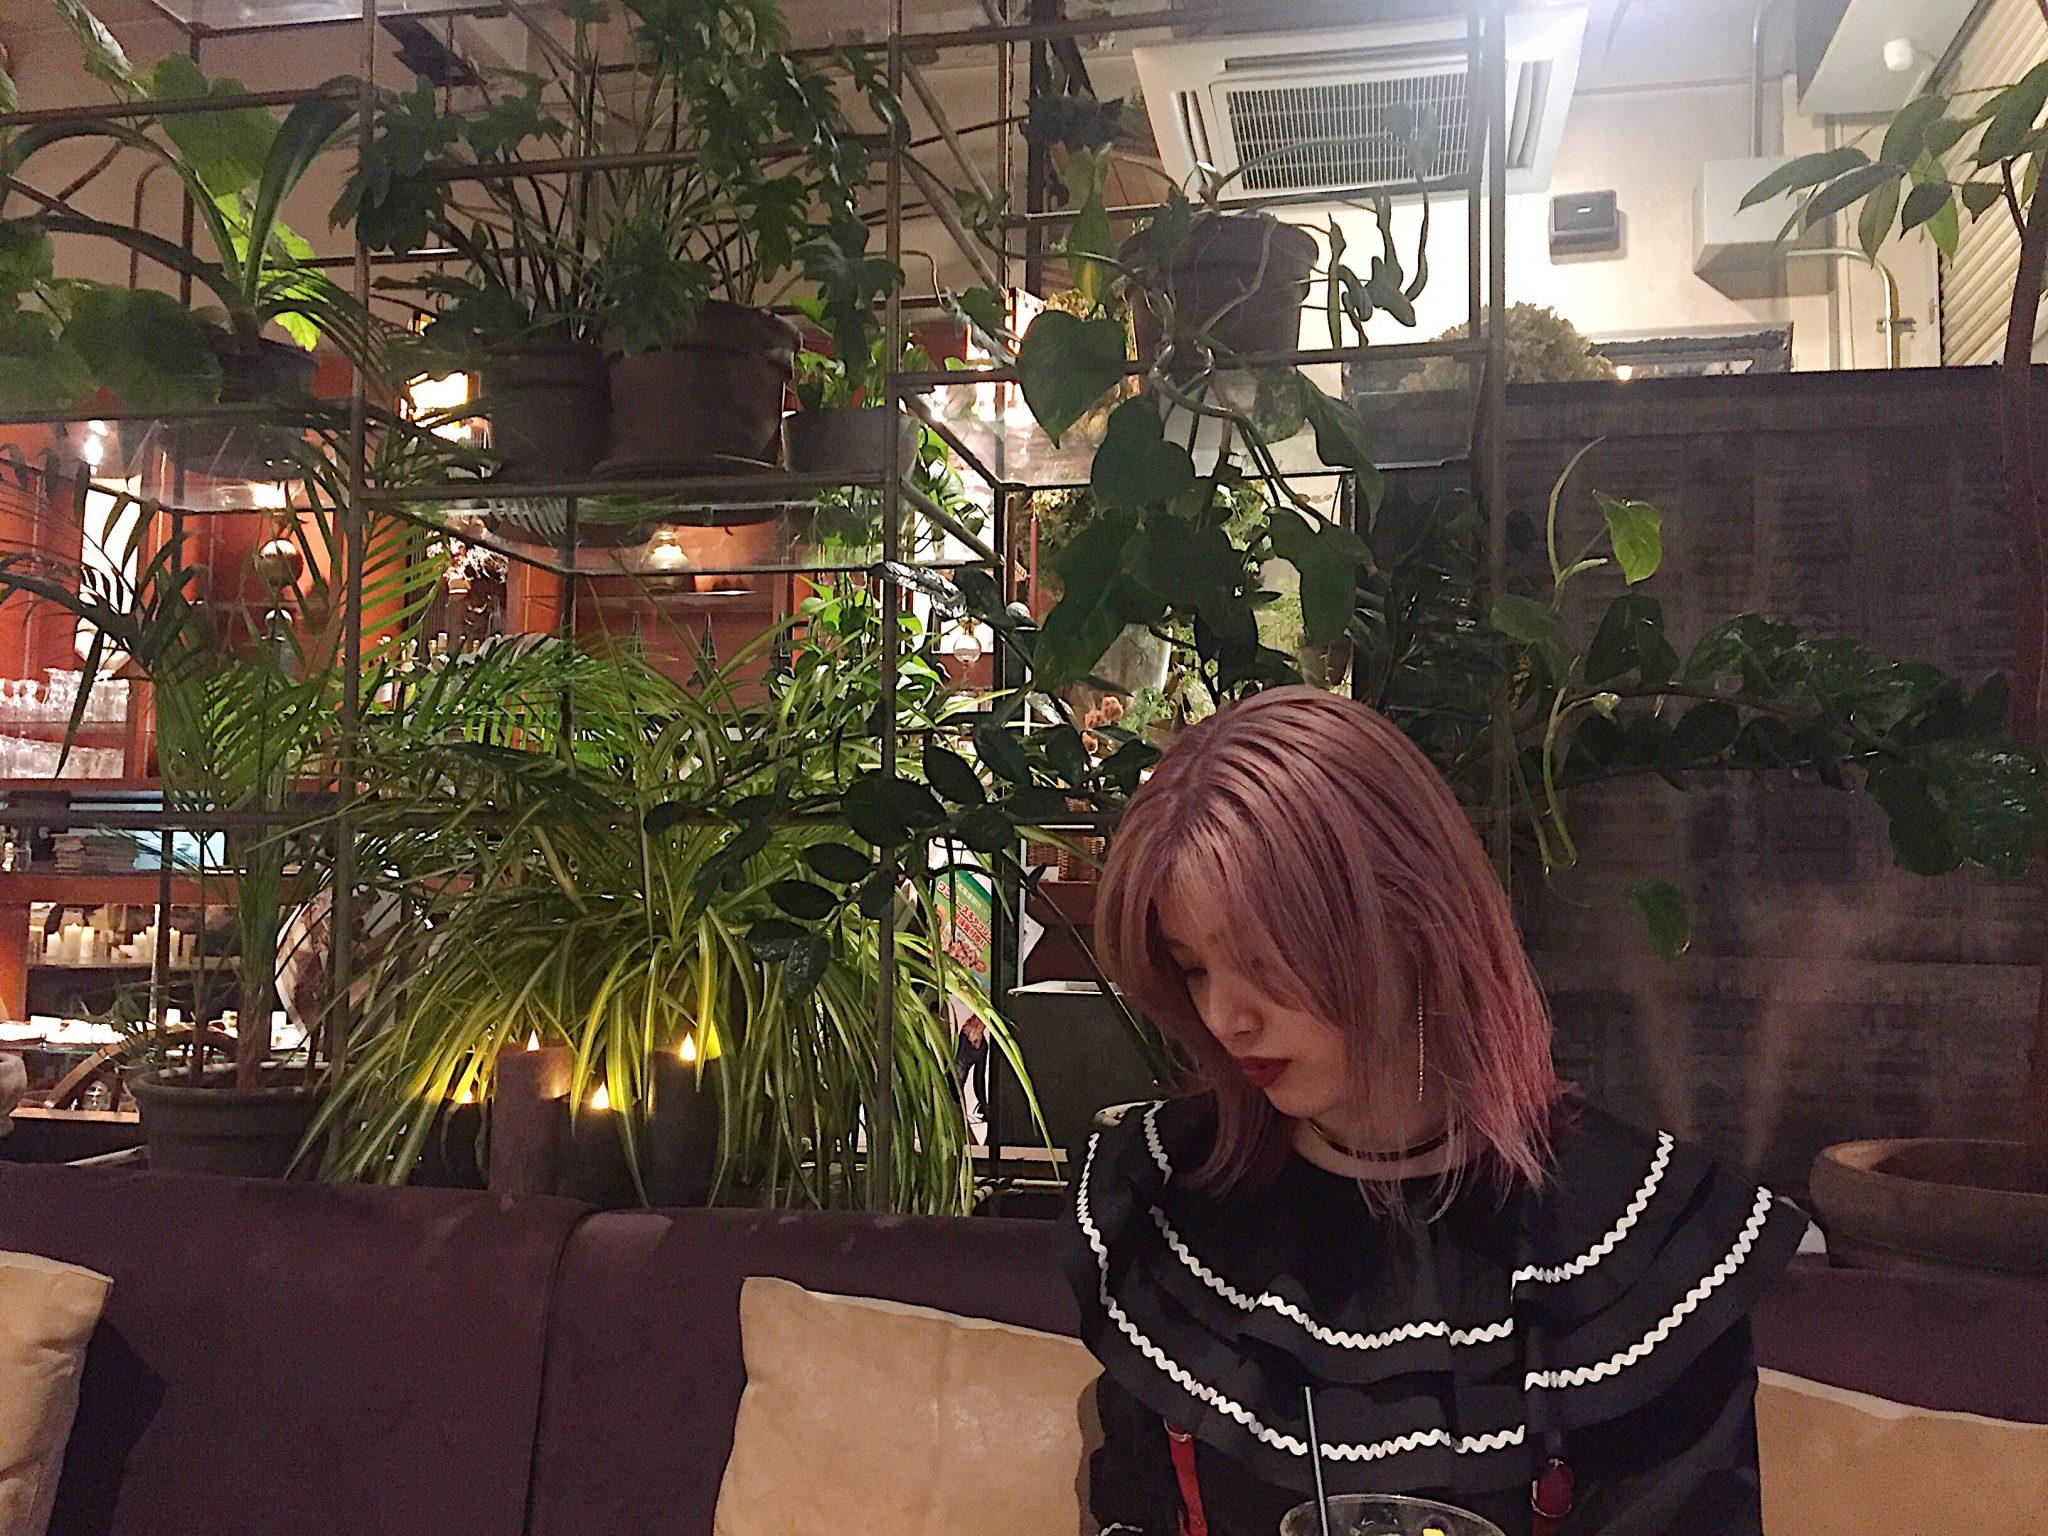 ファッション インテリアショップも併設されている札幌のおすすめカフェ♡ #sapporo #FAbULOUS